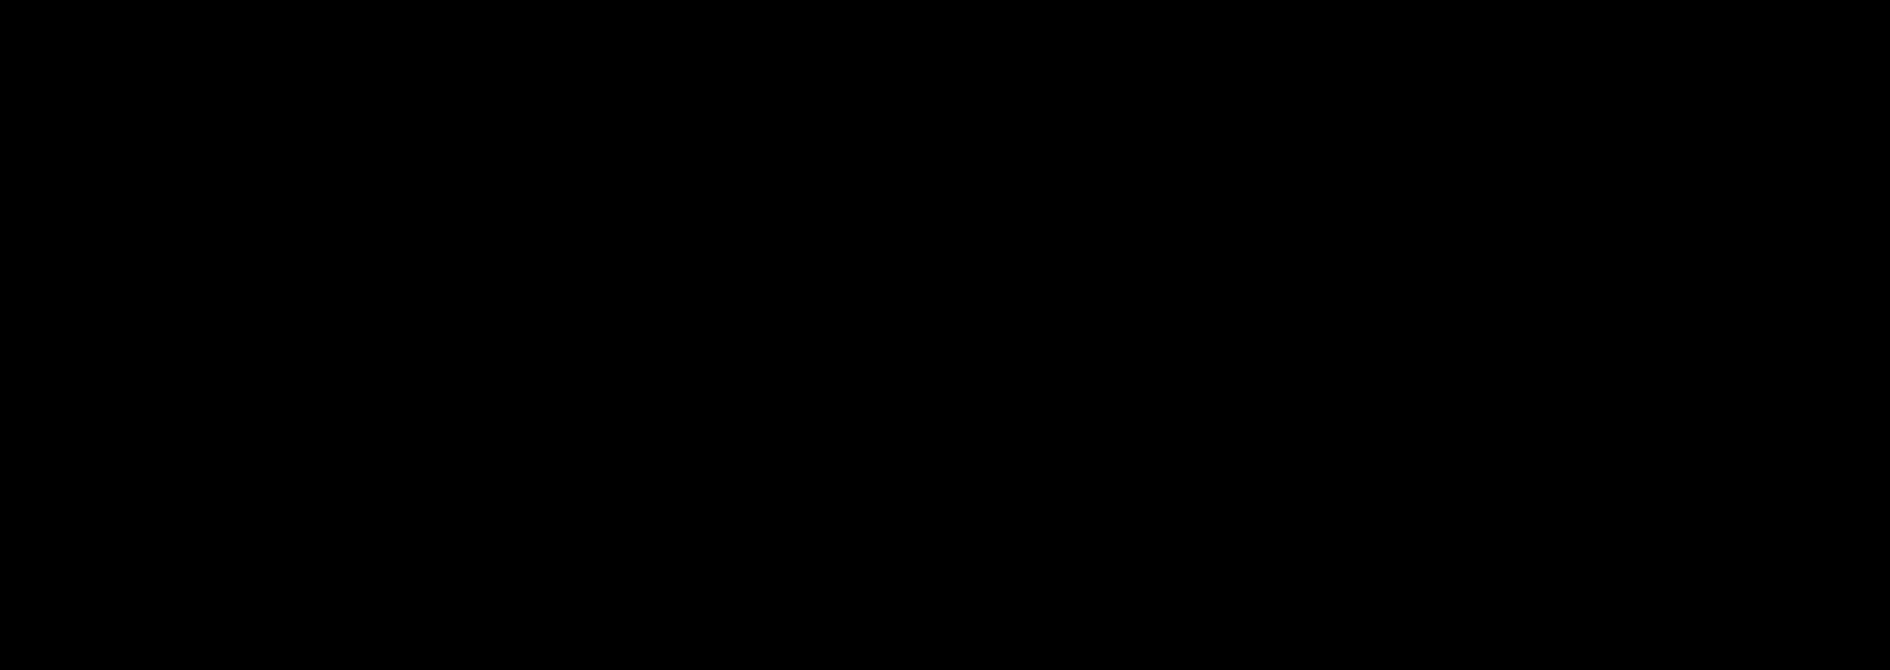 Studio Eins Logo